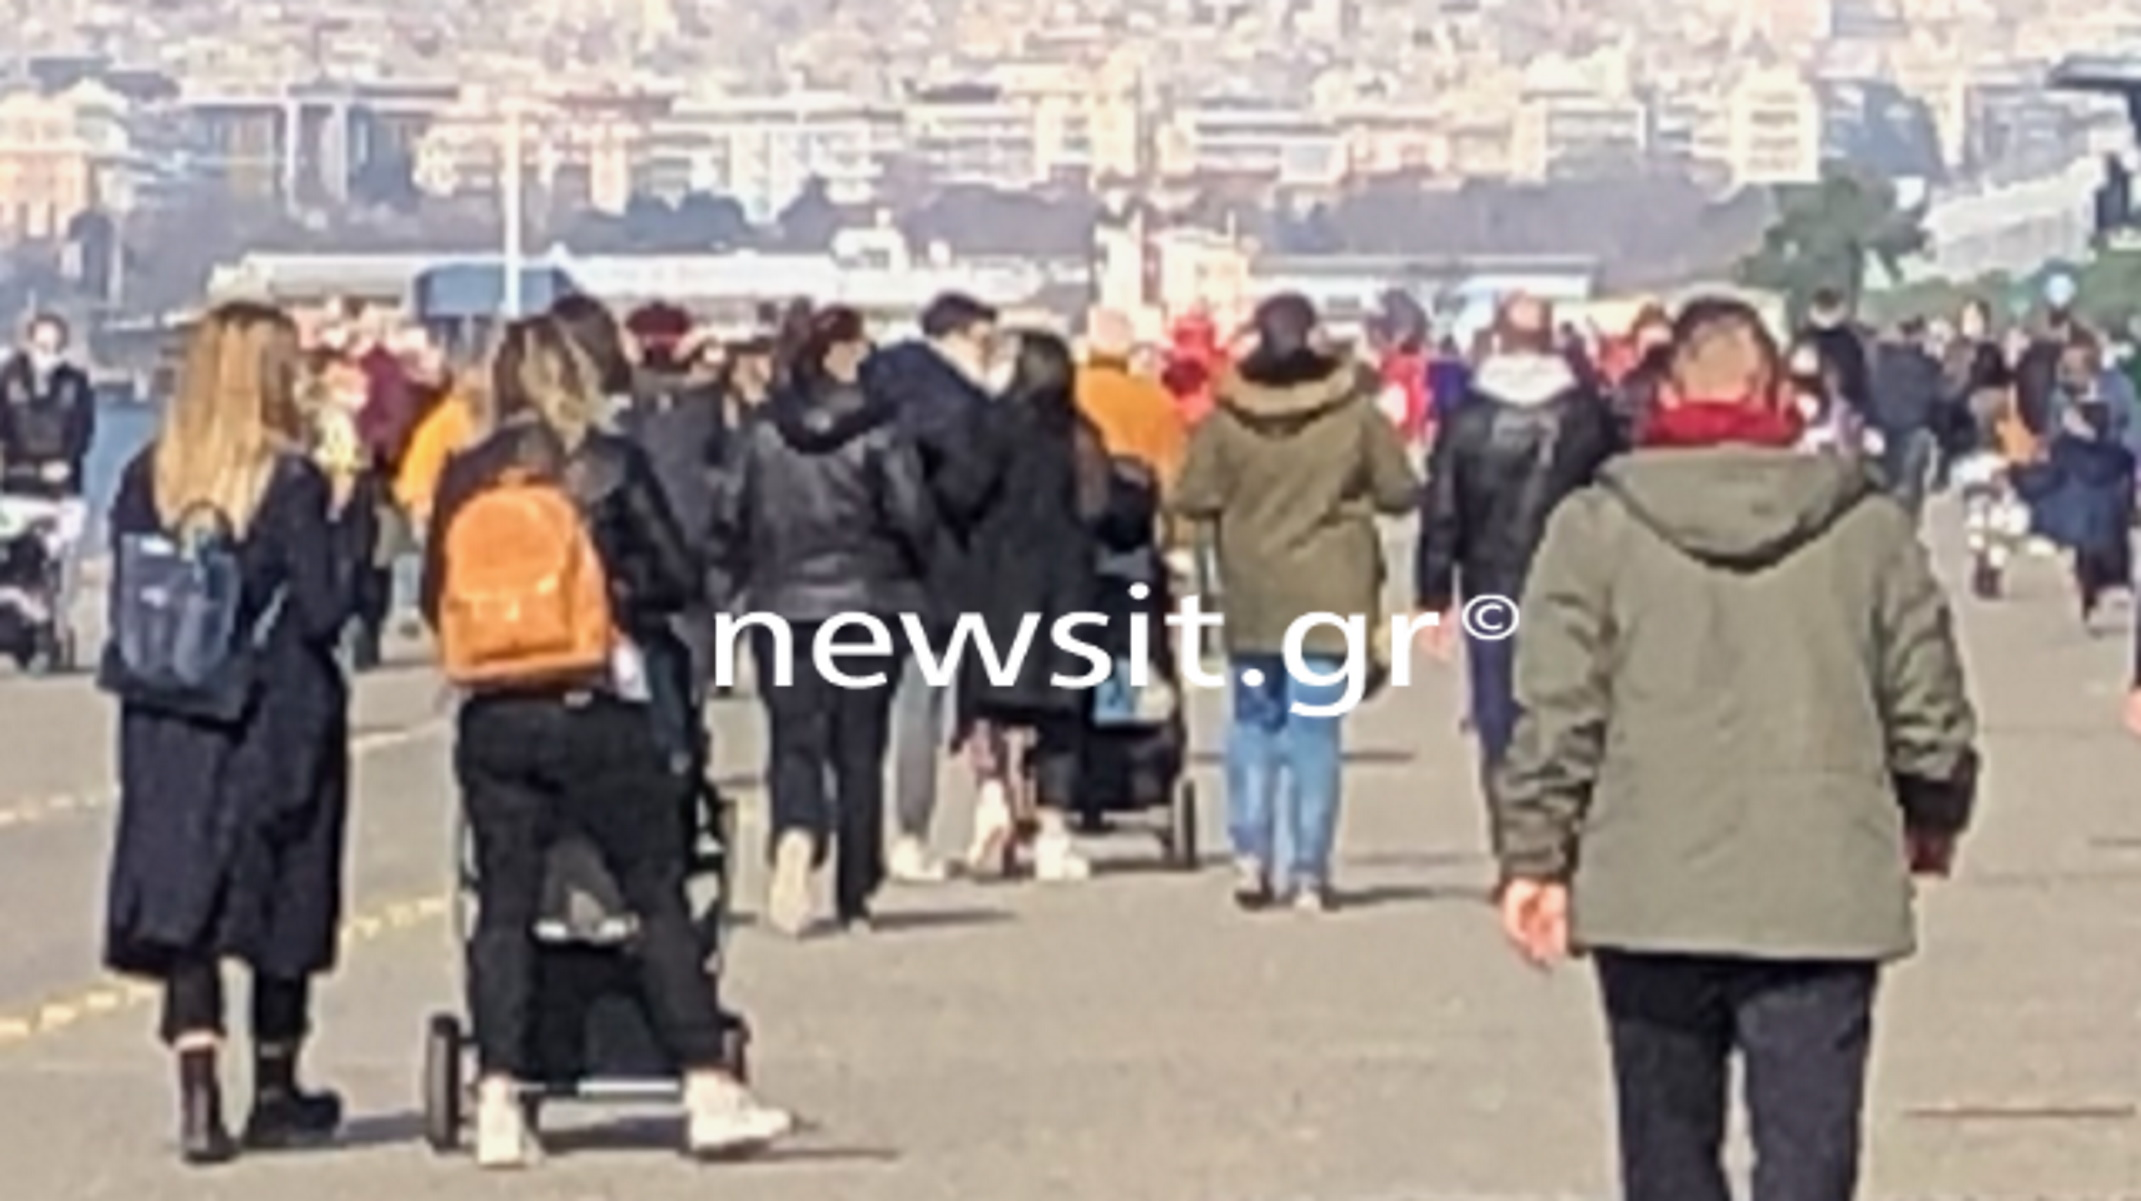 Θεσσαλονίκη: Χαλαρές βόλτες στην παραλία μέχρι τις 6 – Πρεμιέρα του σκληρού ολικού lockdown (pics)